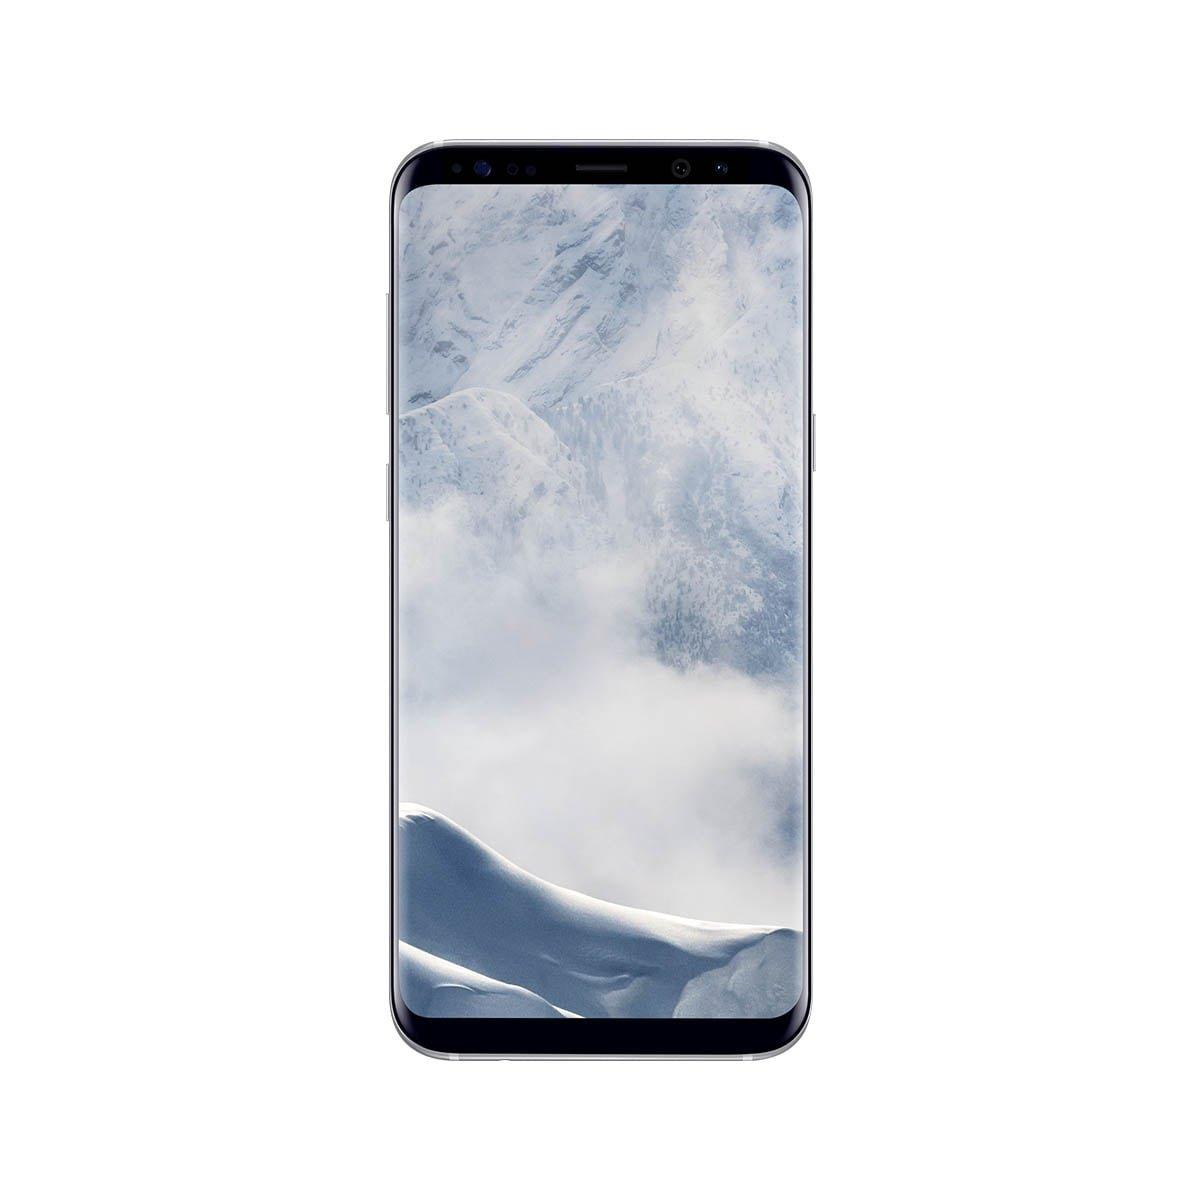 Samsung Galaxy S8, Smartphone libre (5.8, 4GB RAM, 64GB, 12MP), Gris (Orchid Grey), - [Versión española: incluye Samsung Pay, actualizaciones de ...